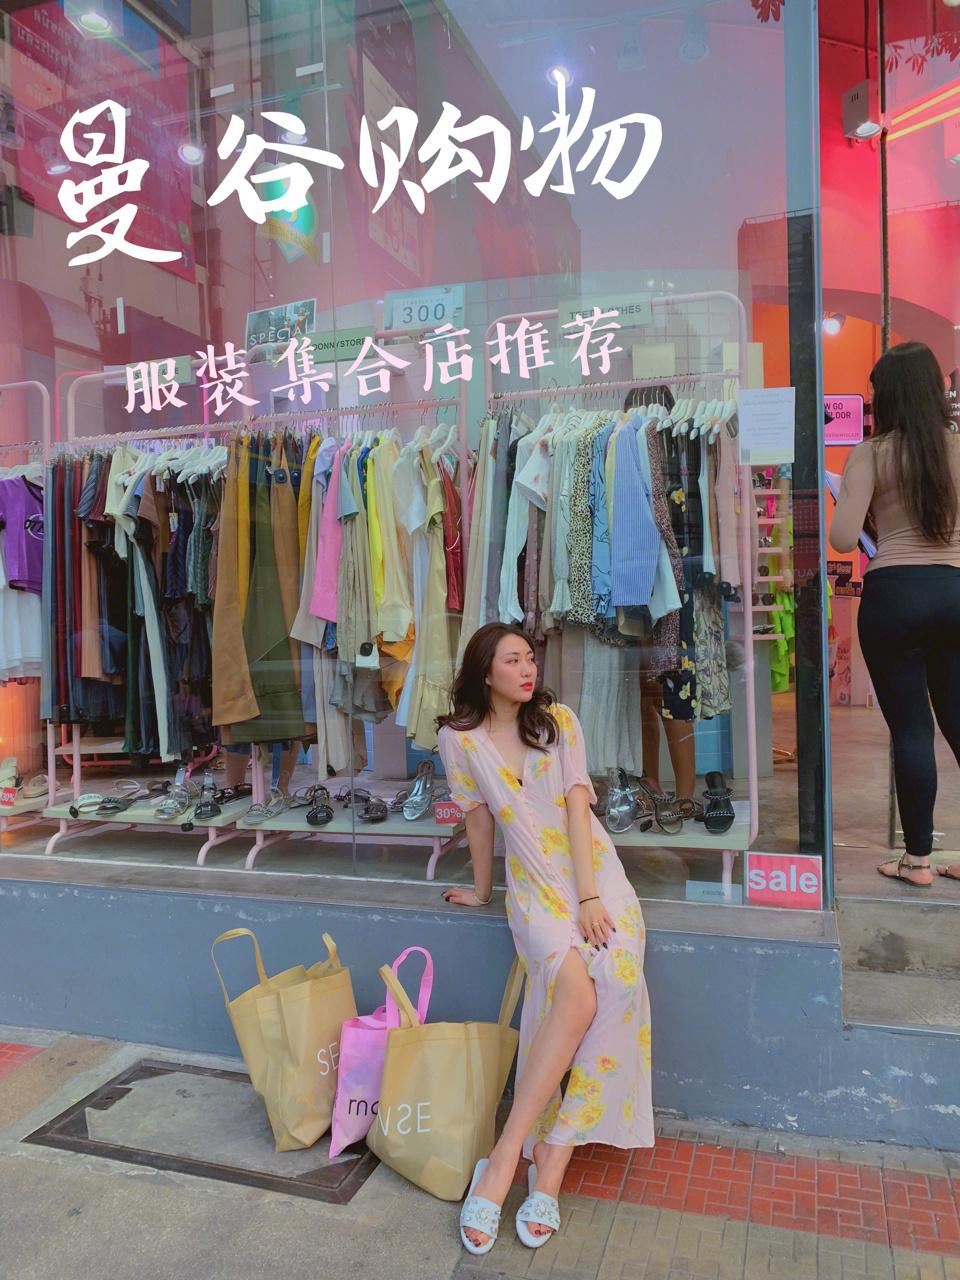 【泰国曼谷】购物推荐